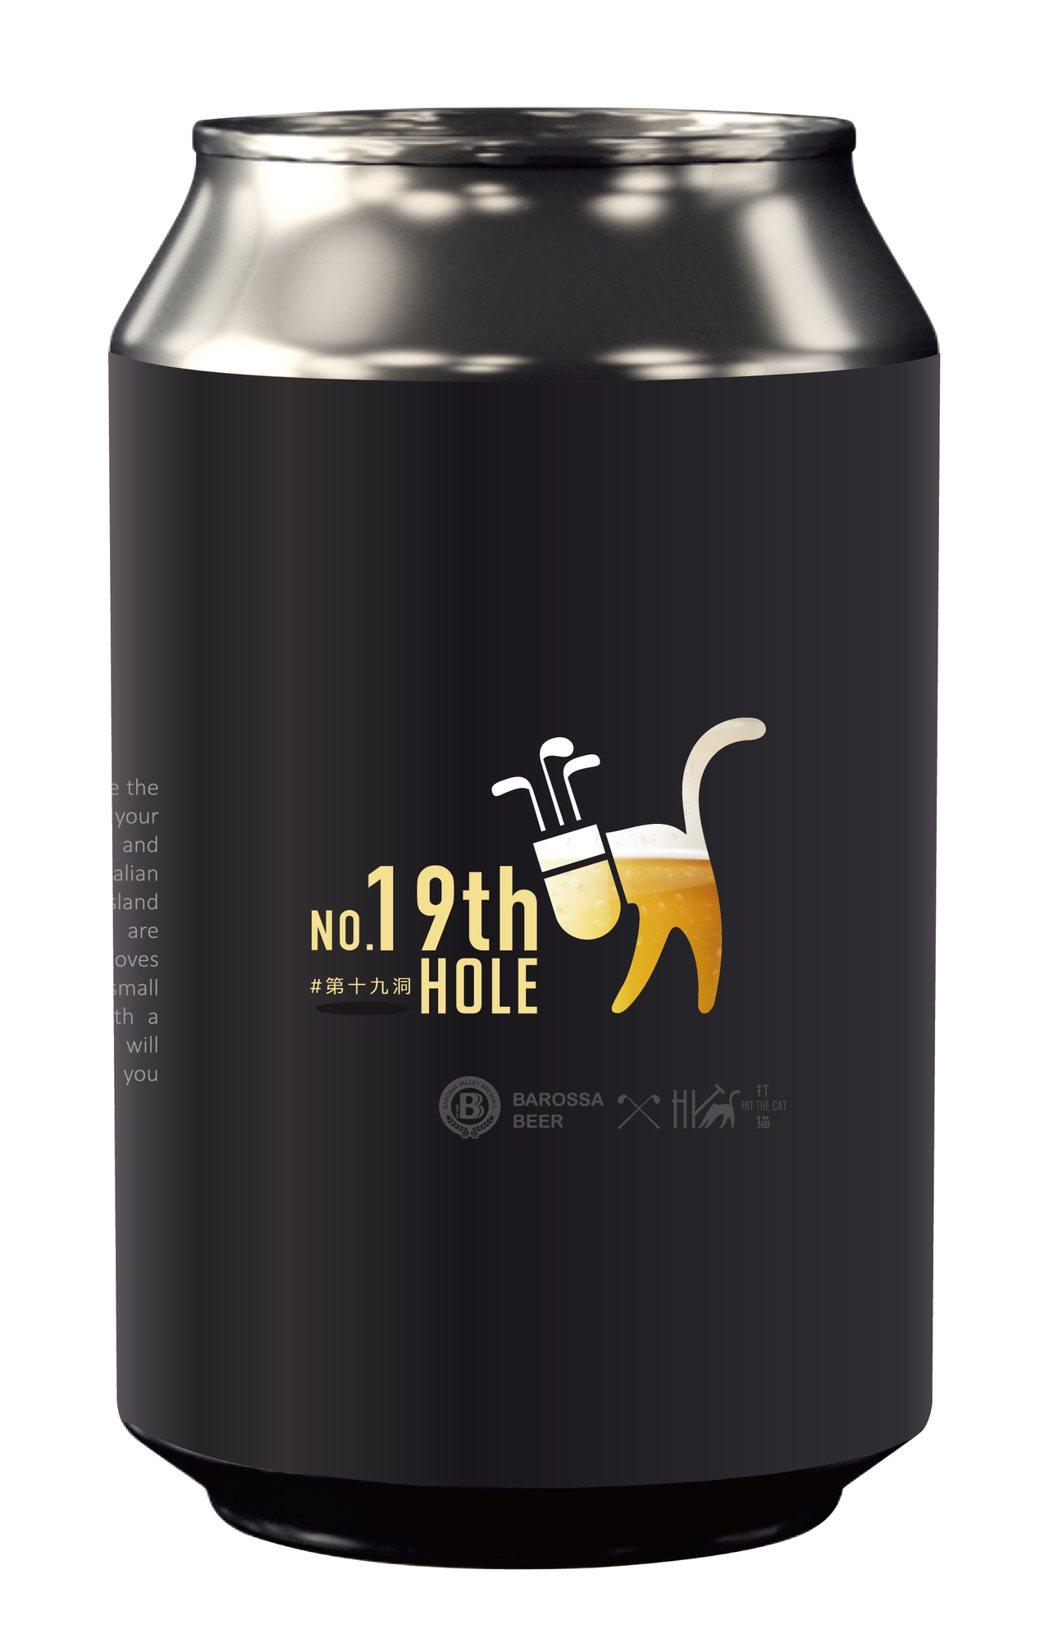 十九洞啤酒(NO.19th HOLE)。 打貓酒廠/提供